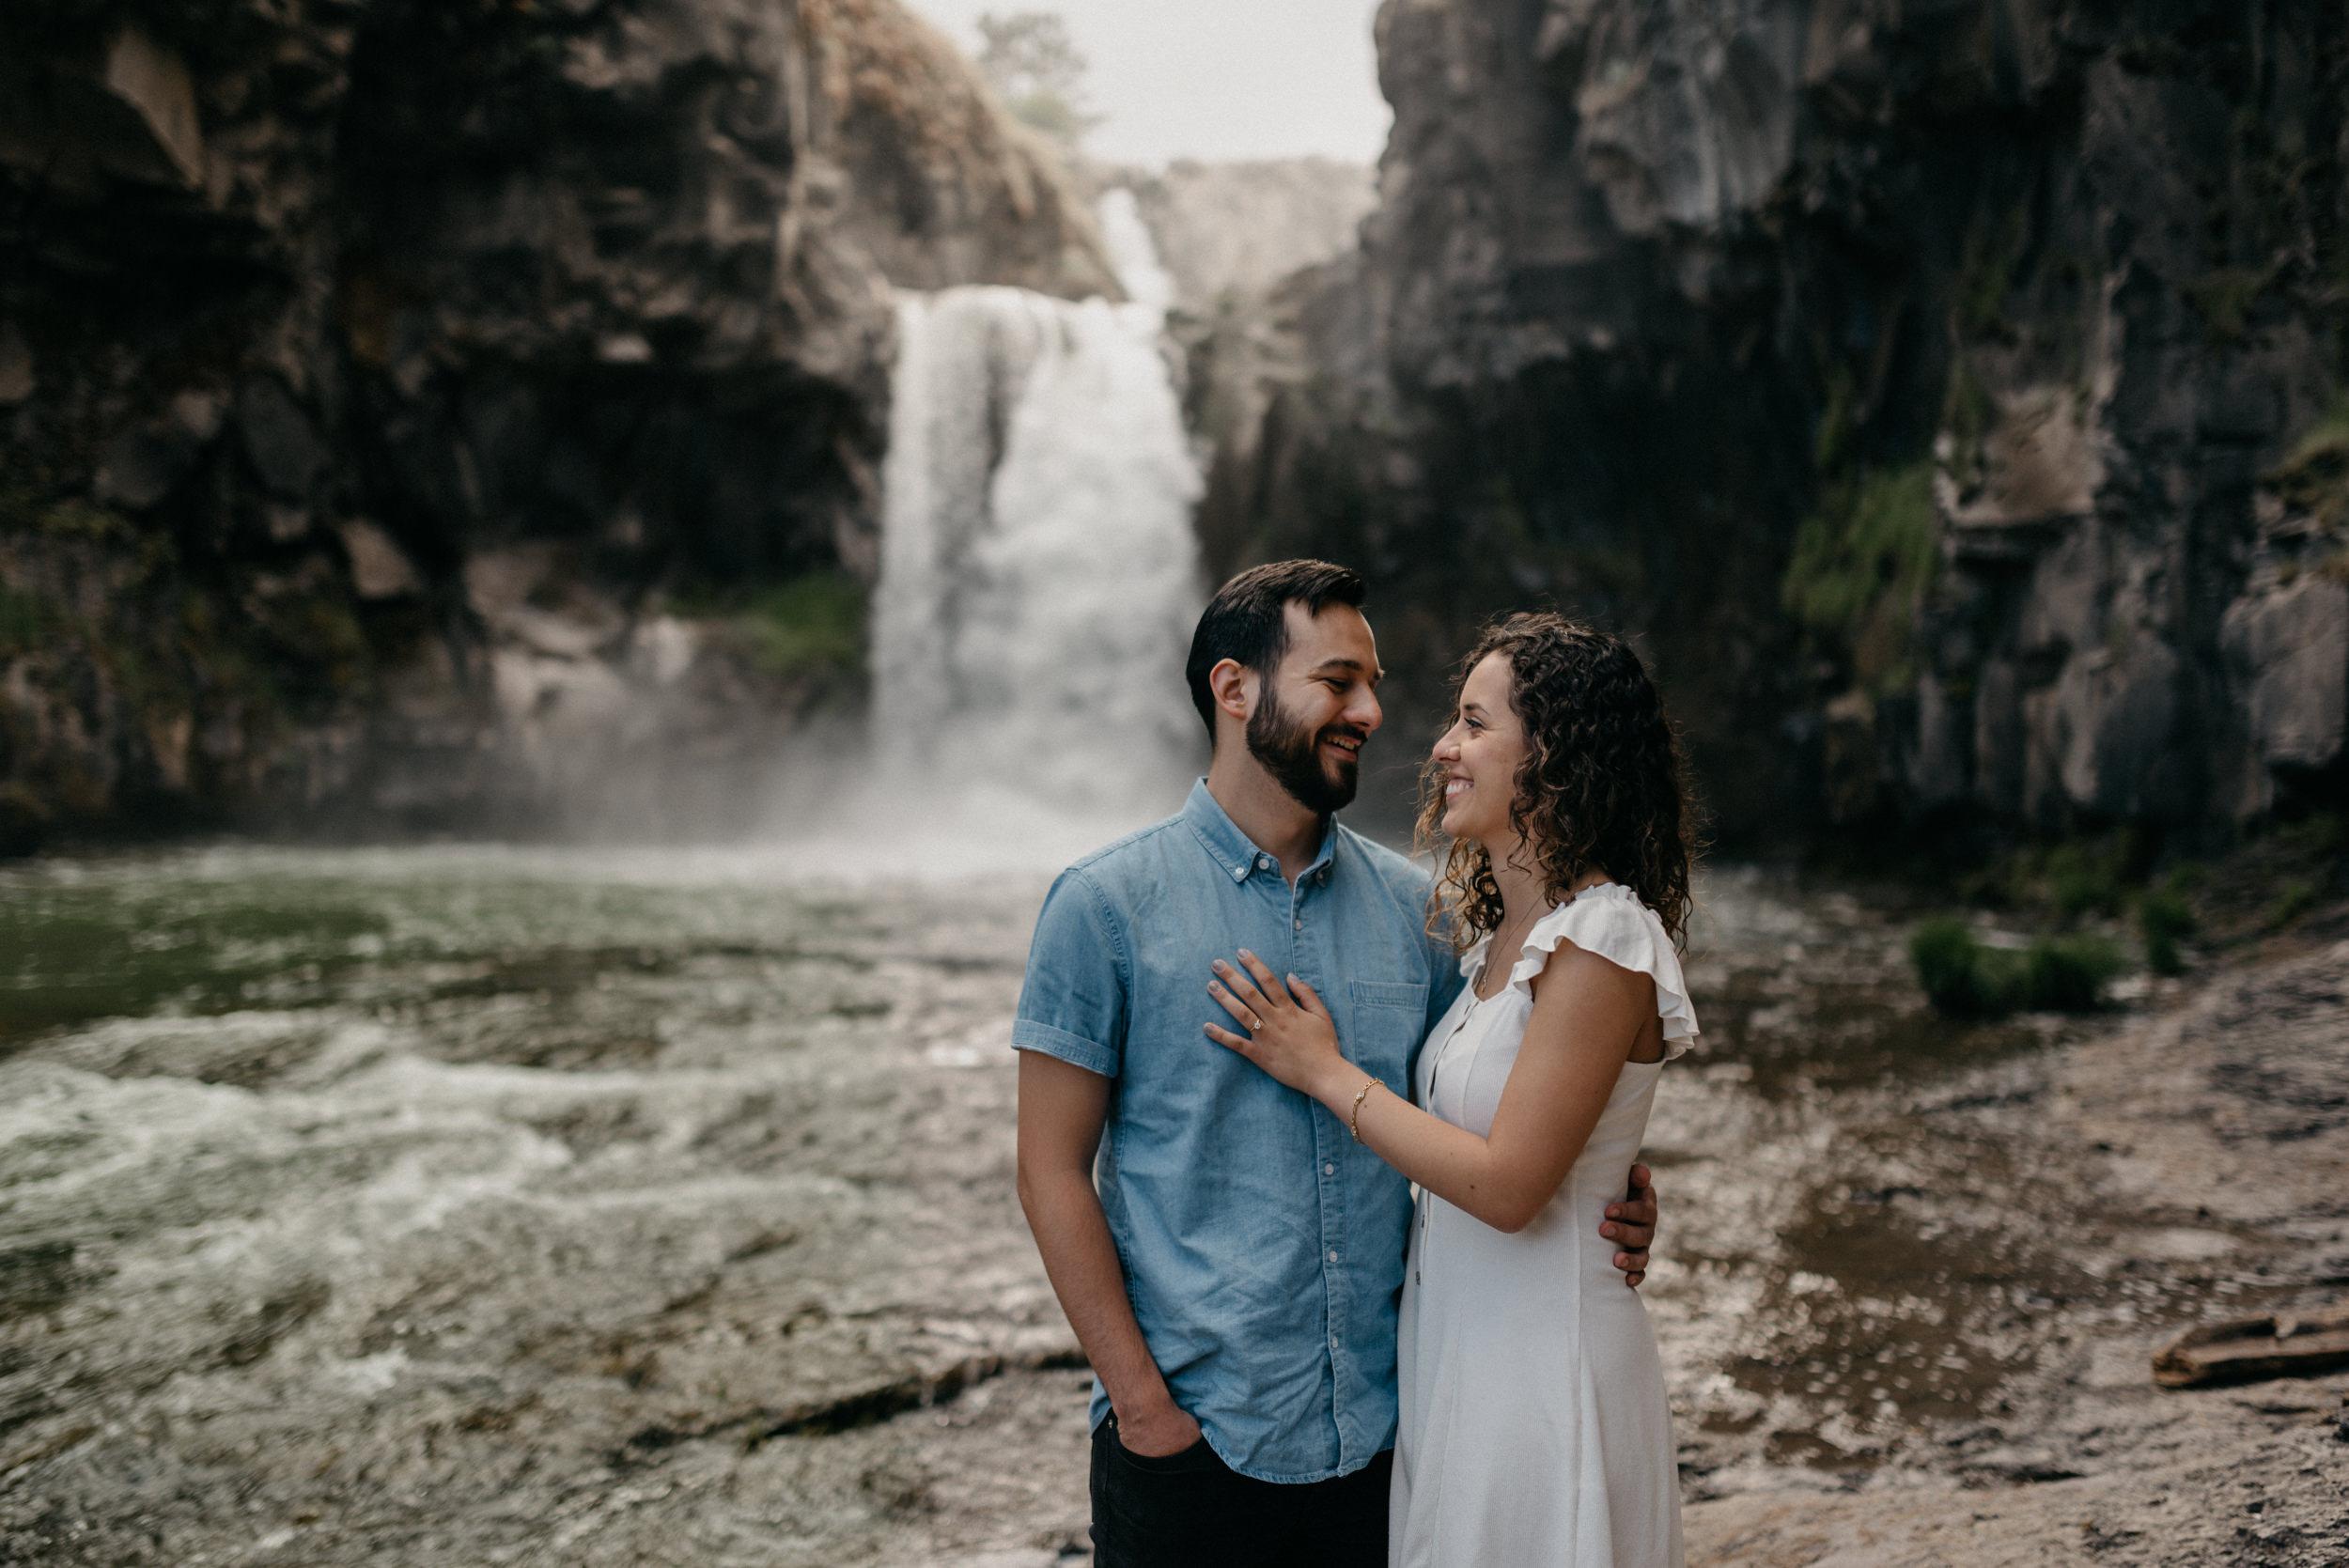 14-White-river-falls-state-park-engagement-5684.jpg